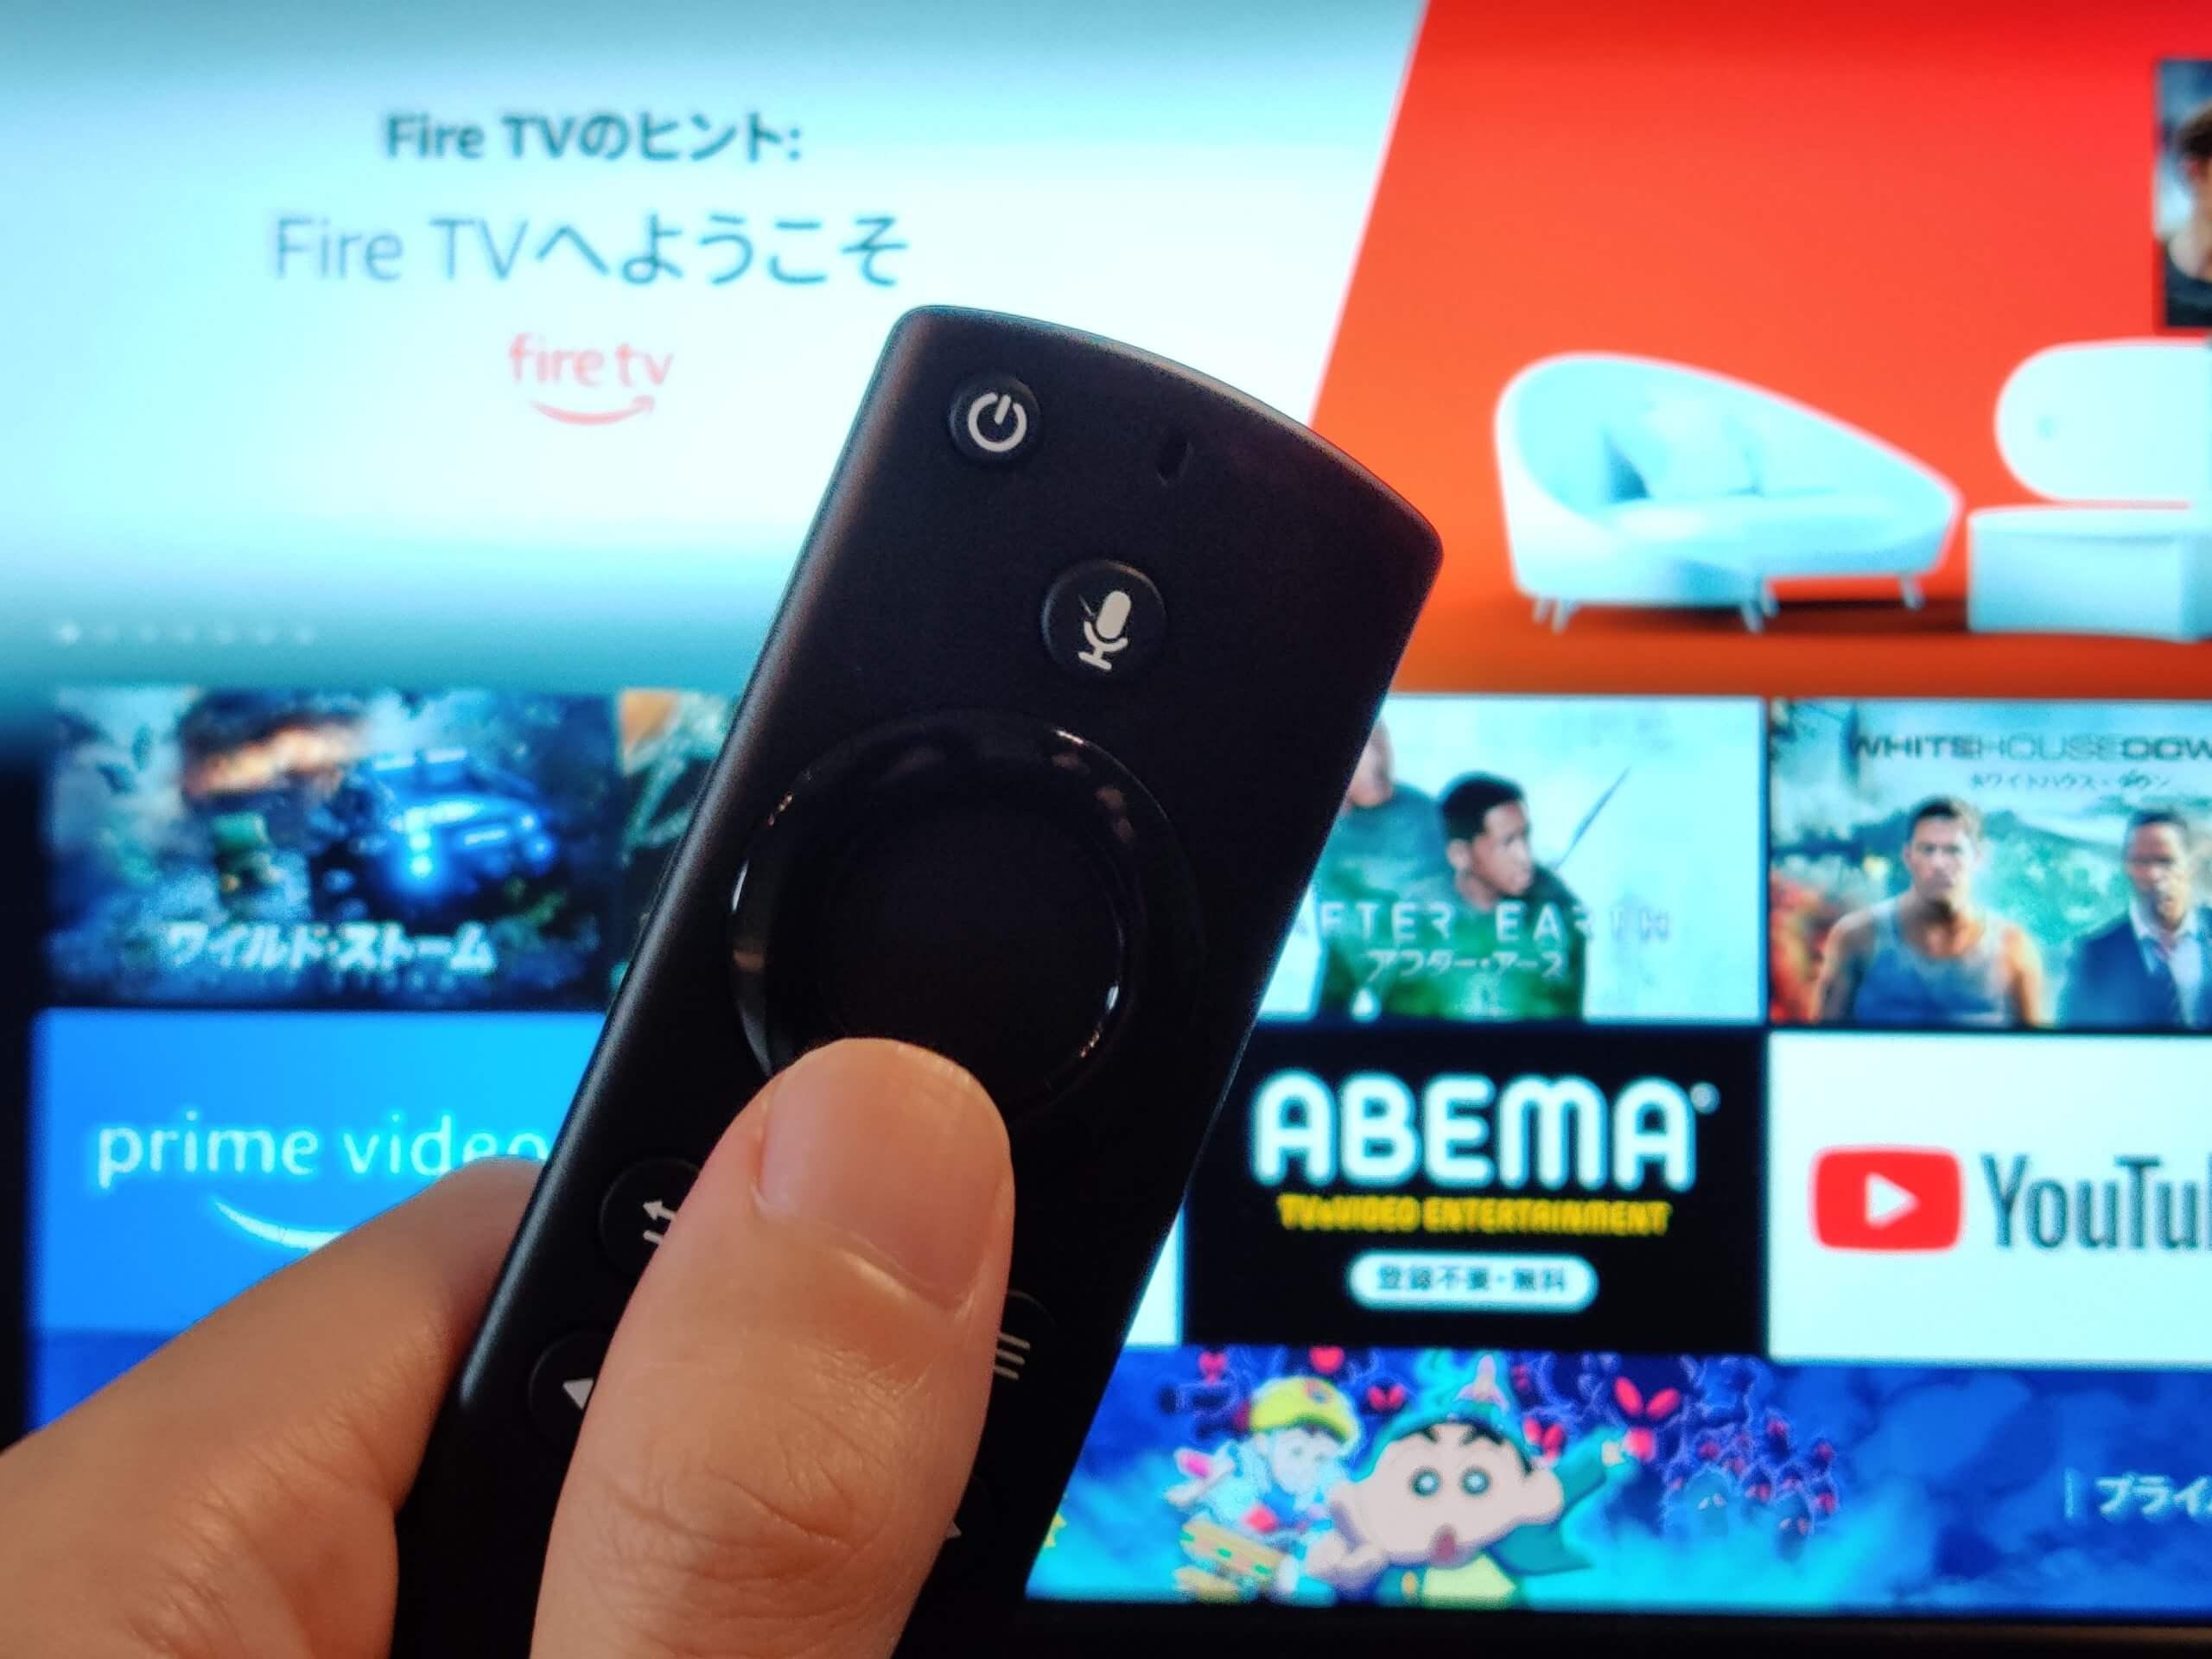 fire tv stickを利用すればリ専用UIとモコン簡単でtverを便利に楽しめる